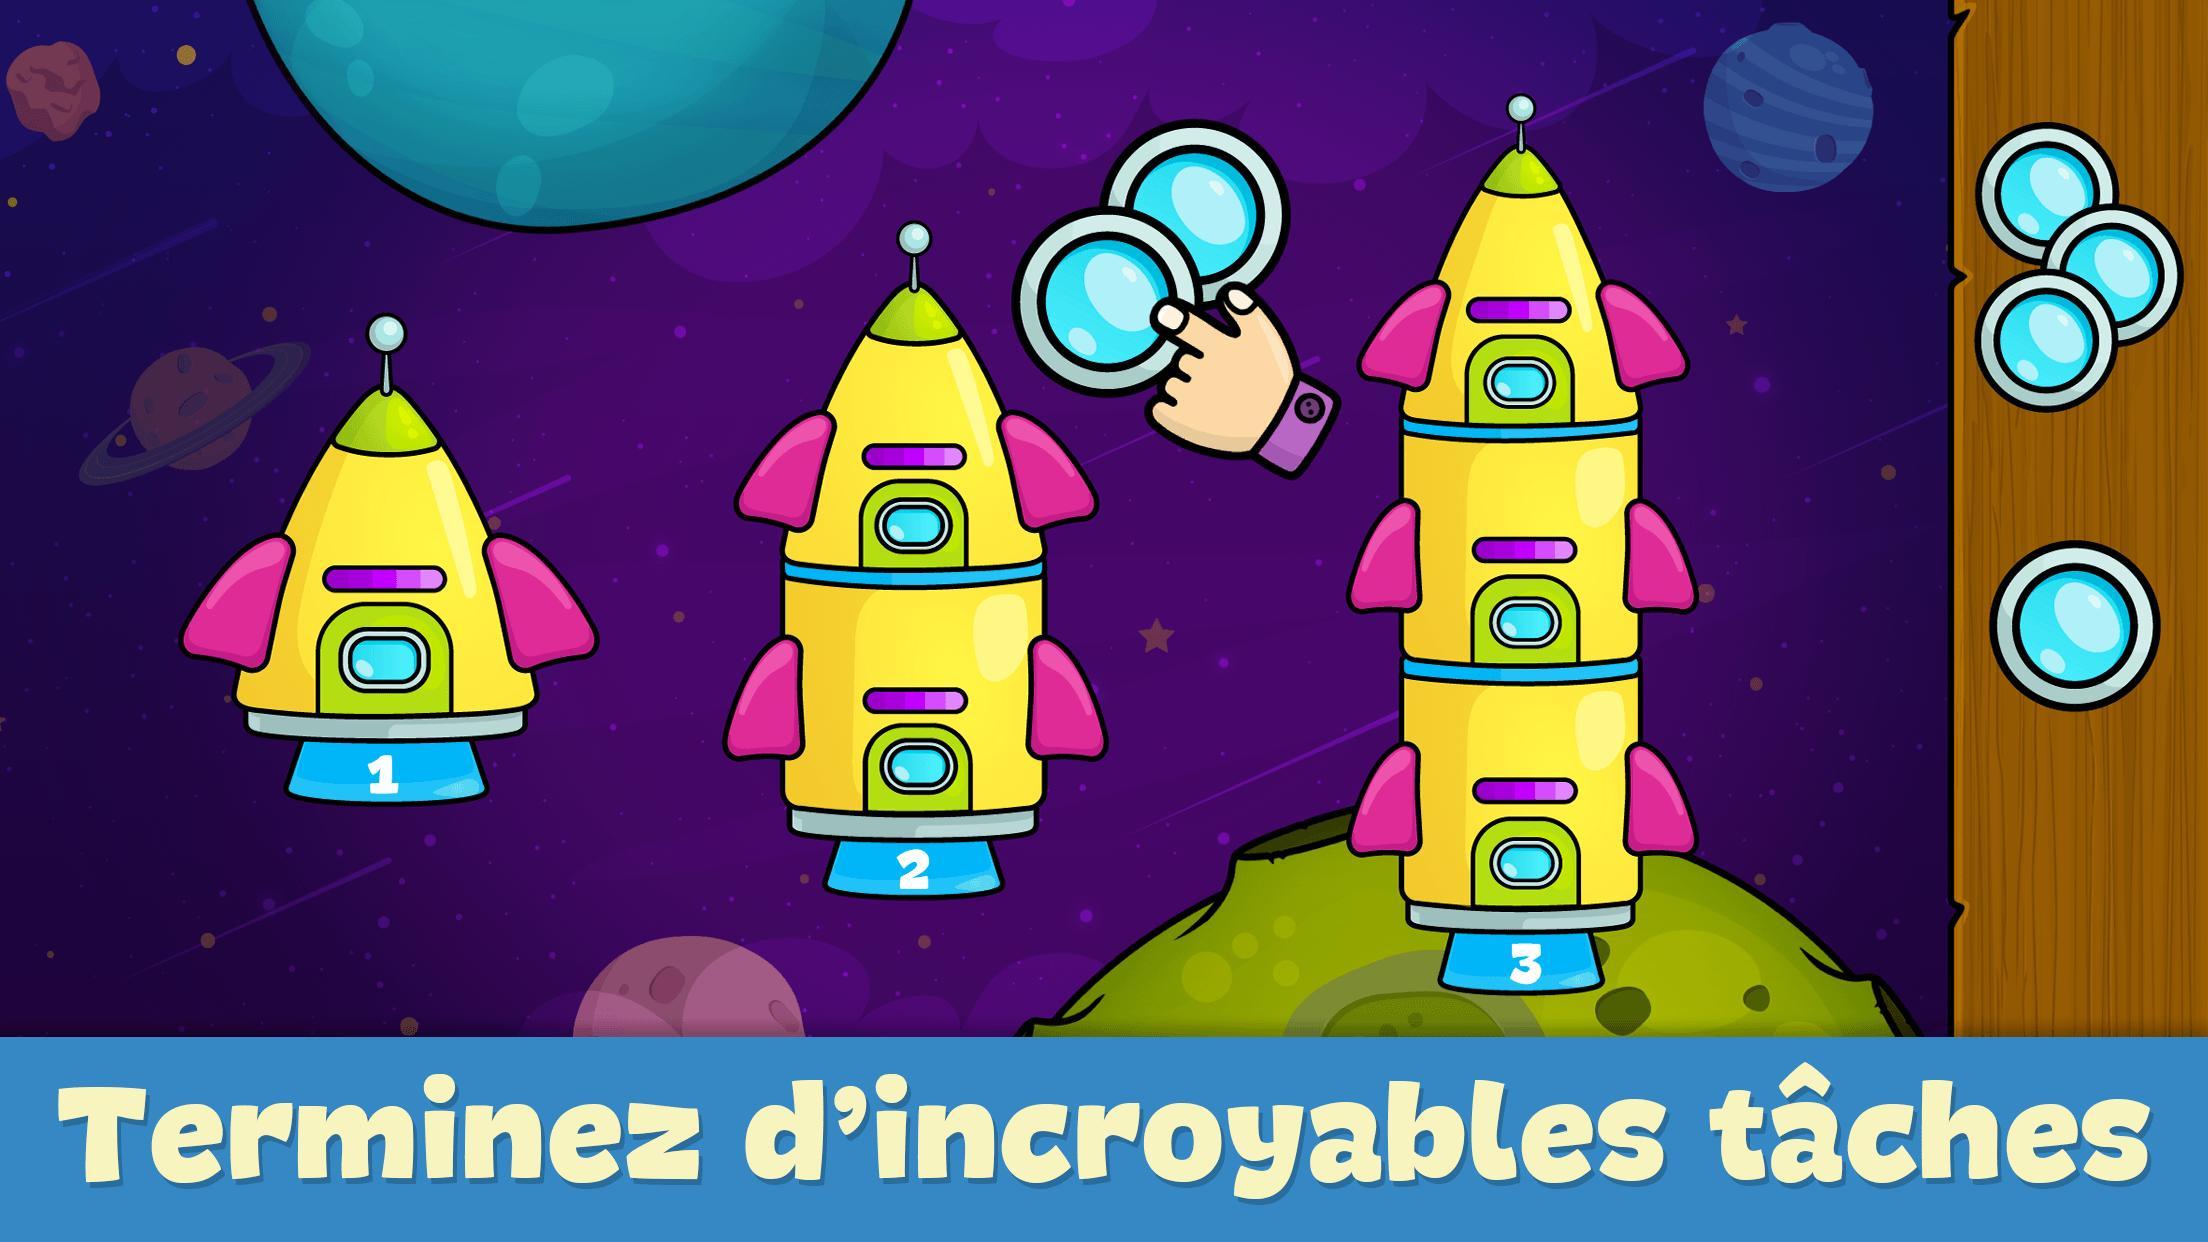 Jeux Pour Enfants 2 - 5 Ans Pour Android - Téléchargez L'apk destiné Jeux Fille 5 Ans Gratuit